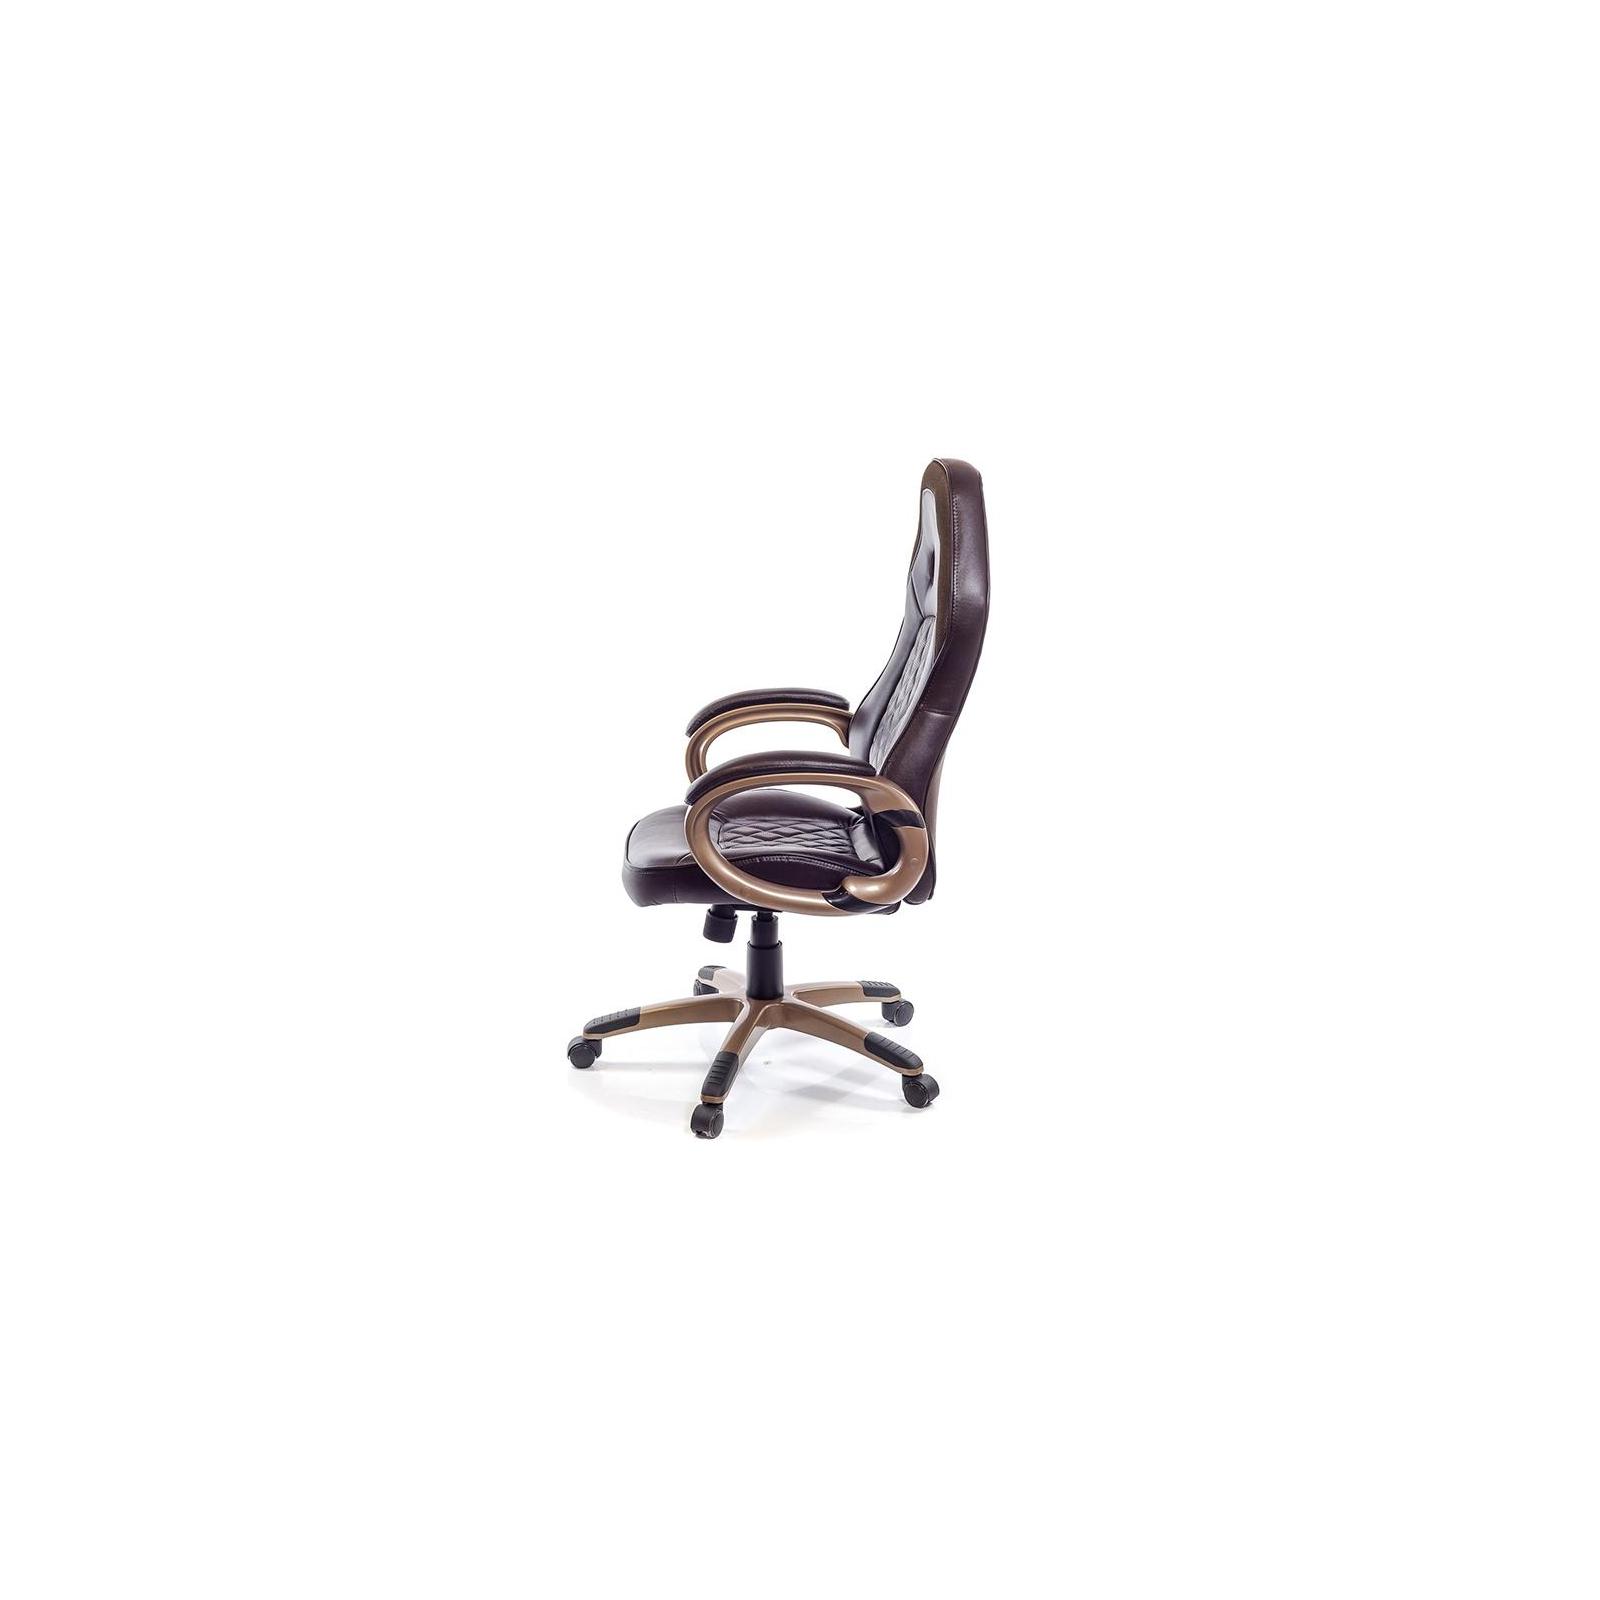 Кресло игровое АКЛАС Блиц PL TILT Коричневое (07262) изображение 3